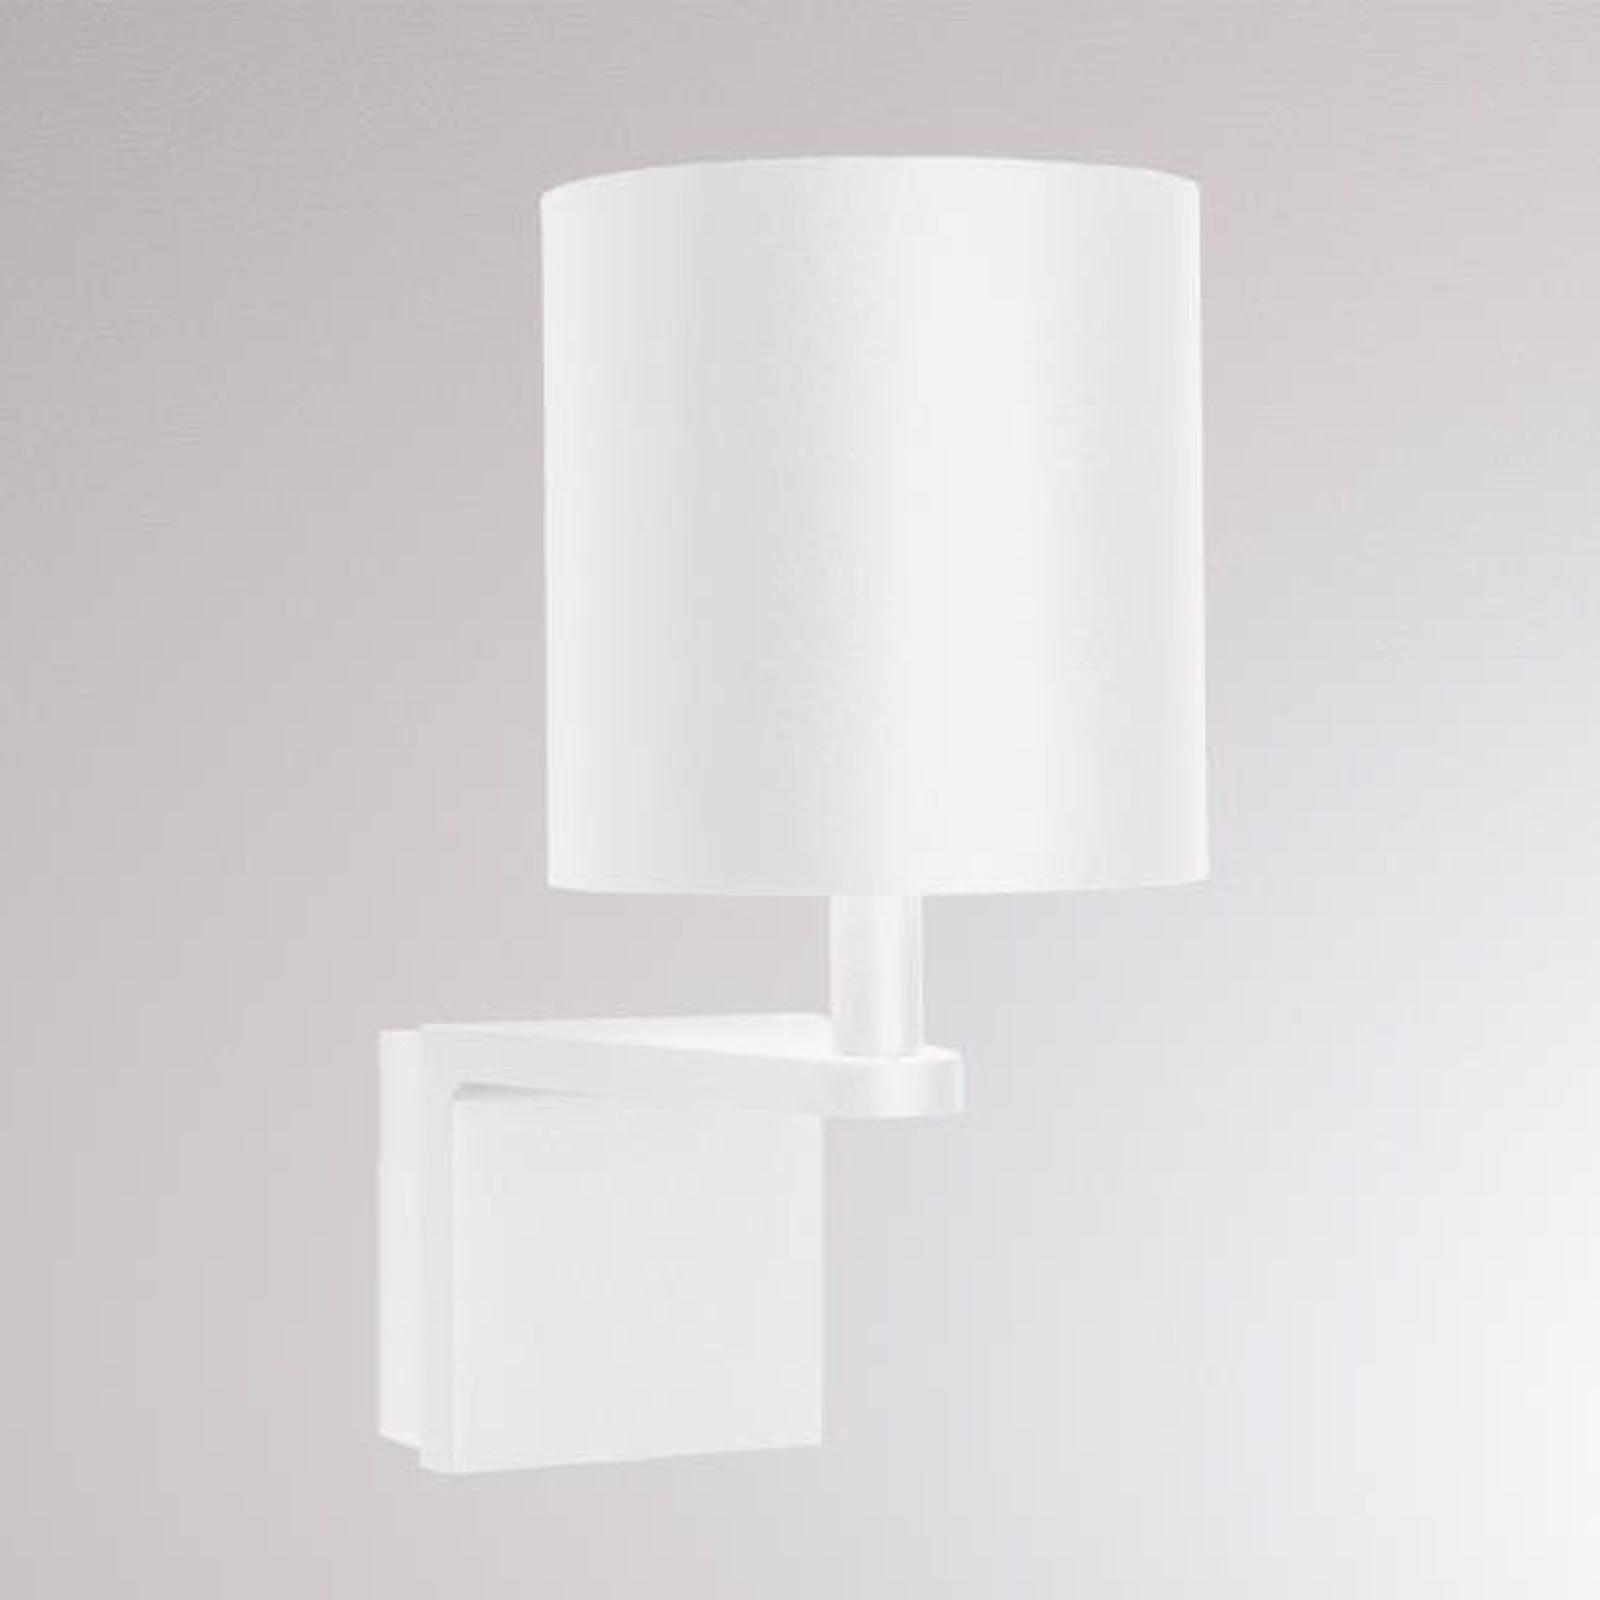 LOUM Waamp -LED-seinävalaisin, valkoinen